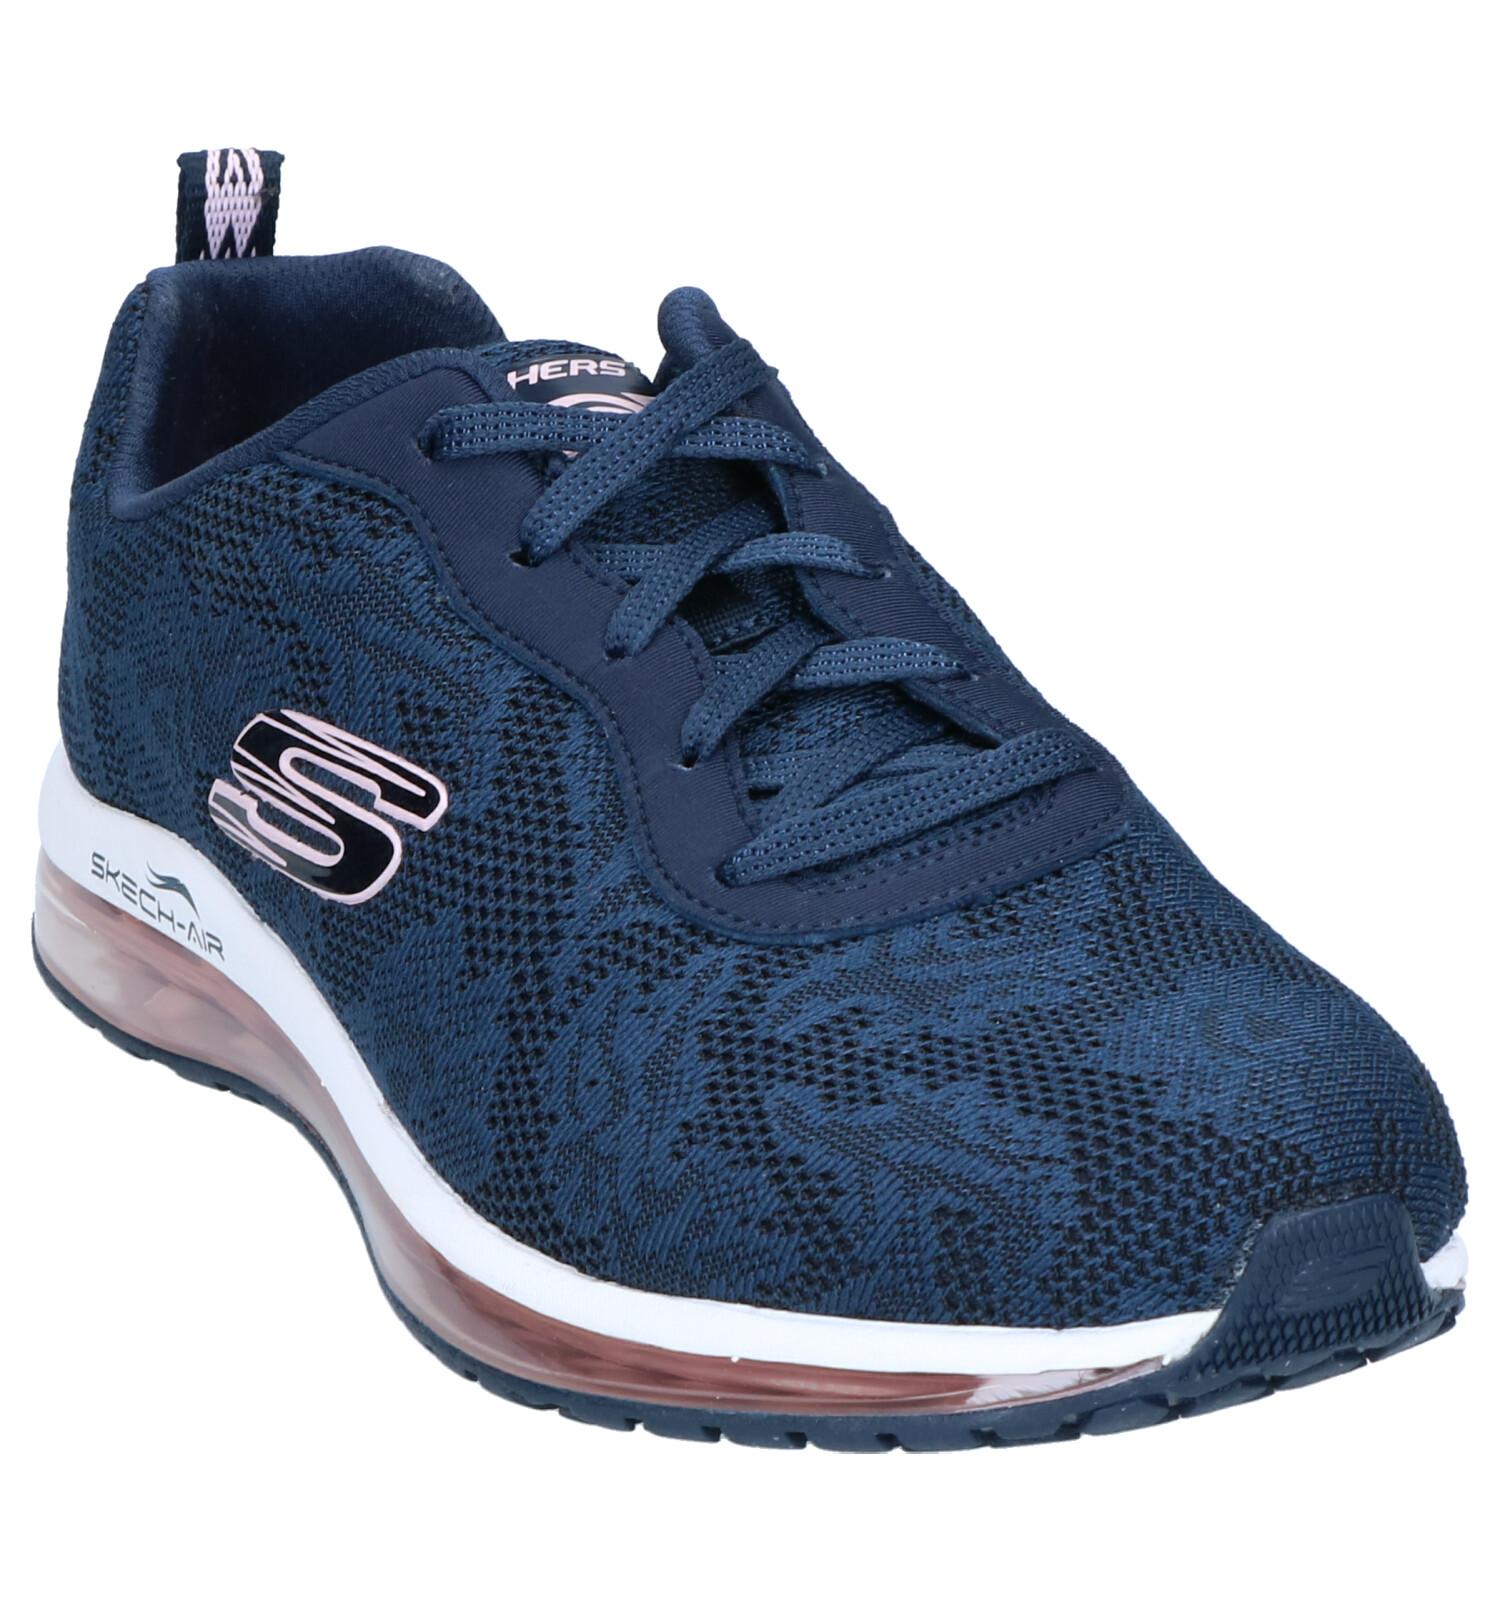 Skechers air Skech Skechers Skech air Donkerblauwe Sneakers O80wPnk